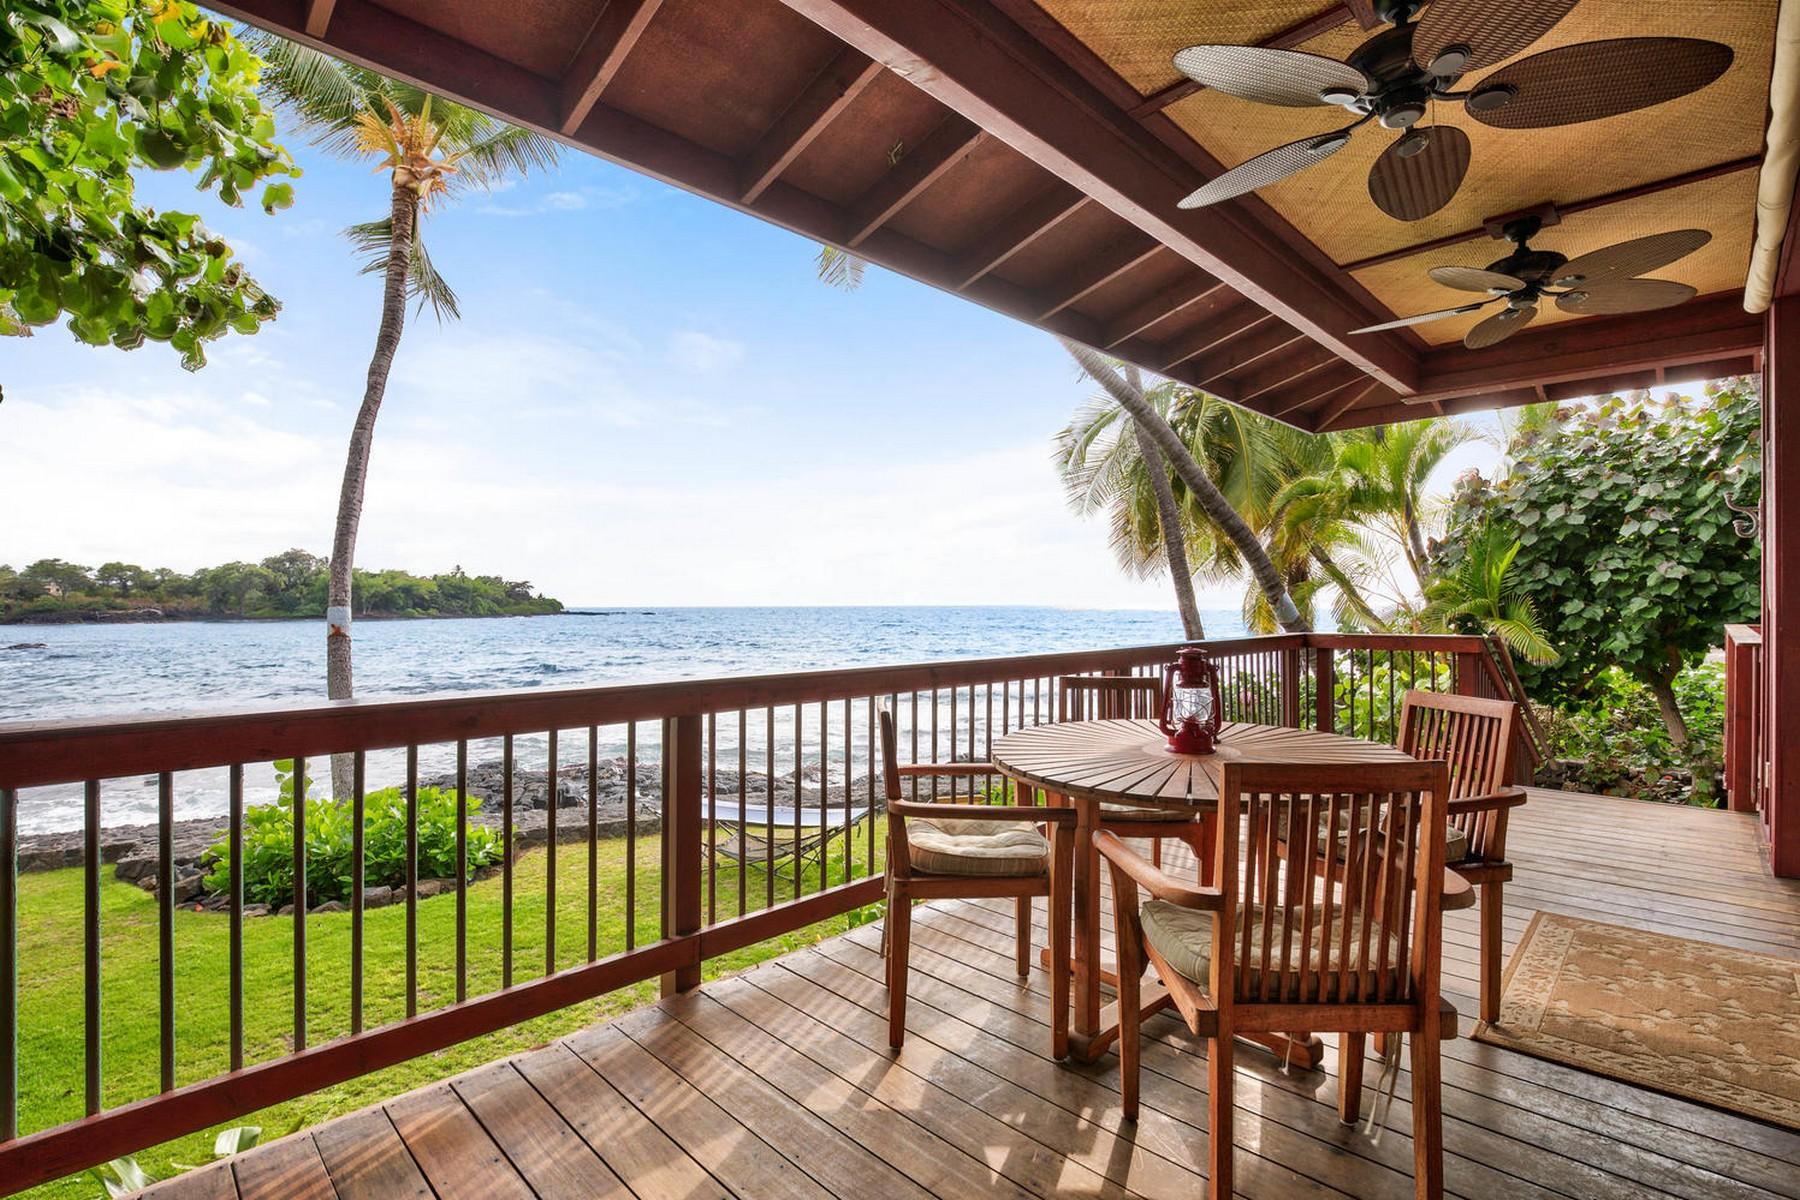 Single Family Home for Sale at Holualoa Beach Section 76-6280-B Alii Drive Kailua-Kona, Hawaii 96740 United States